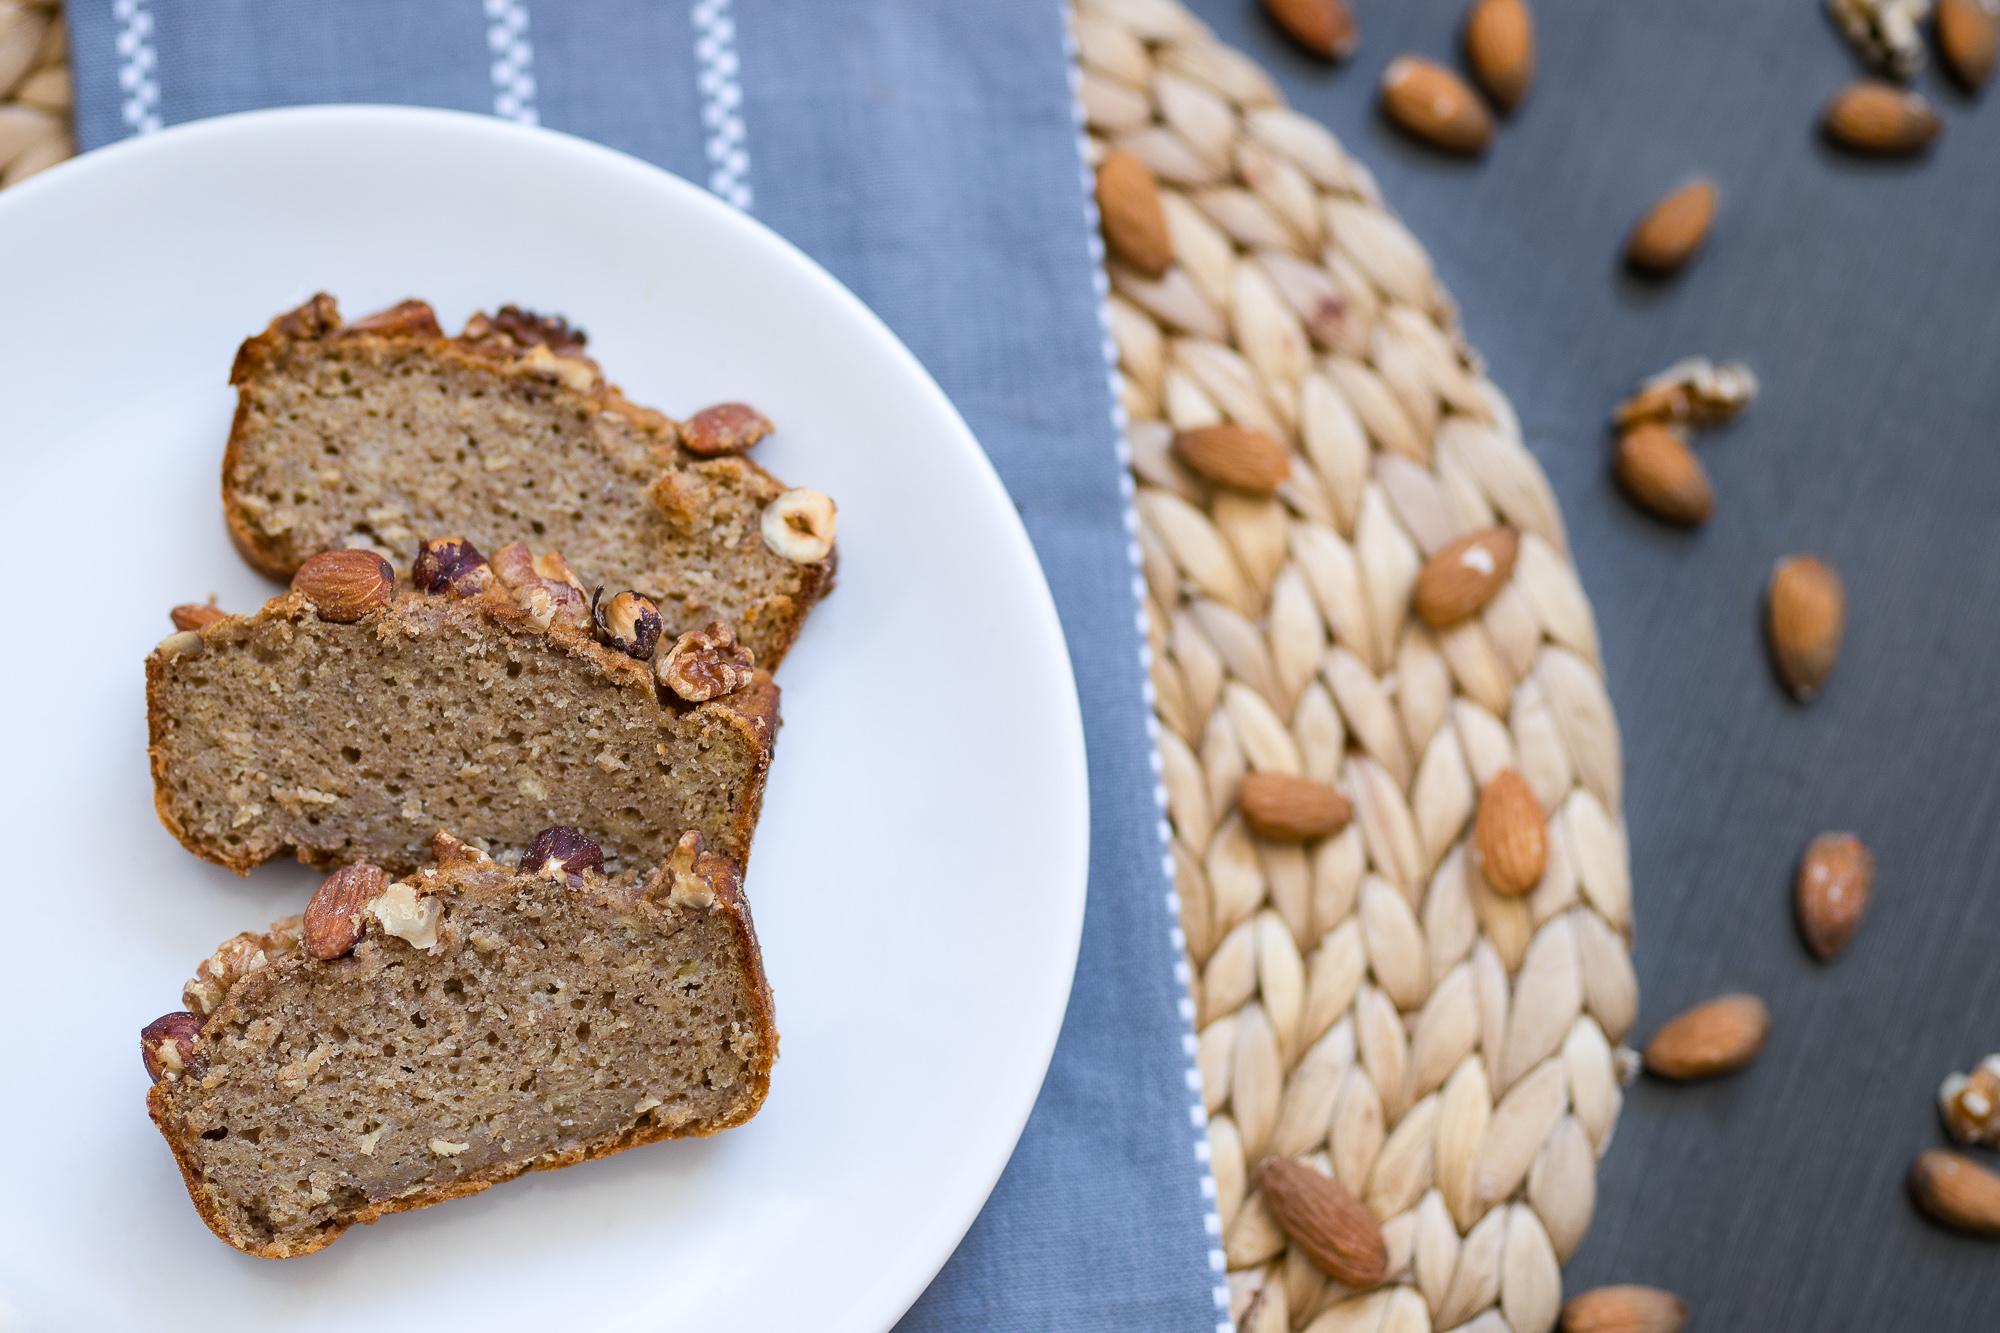 Banánový chlieb sorechmi pre celiatikov, veganov aj bezlaktózových